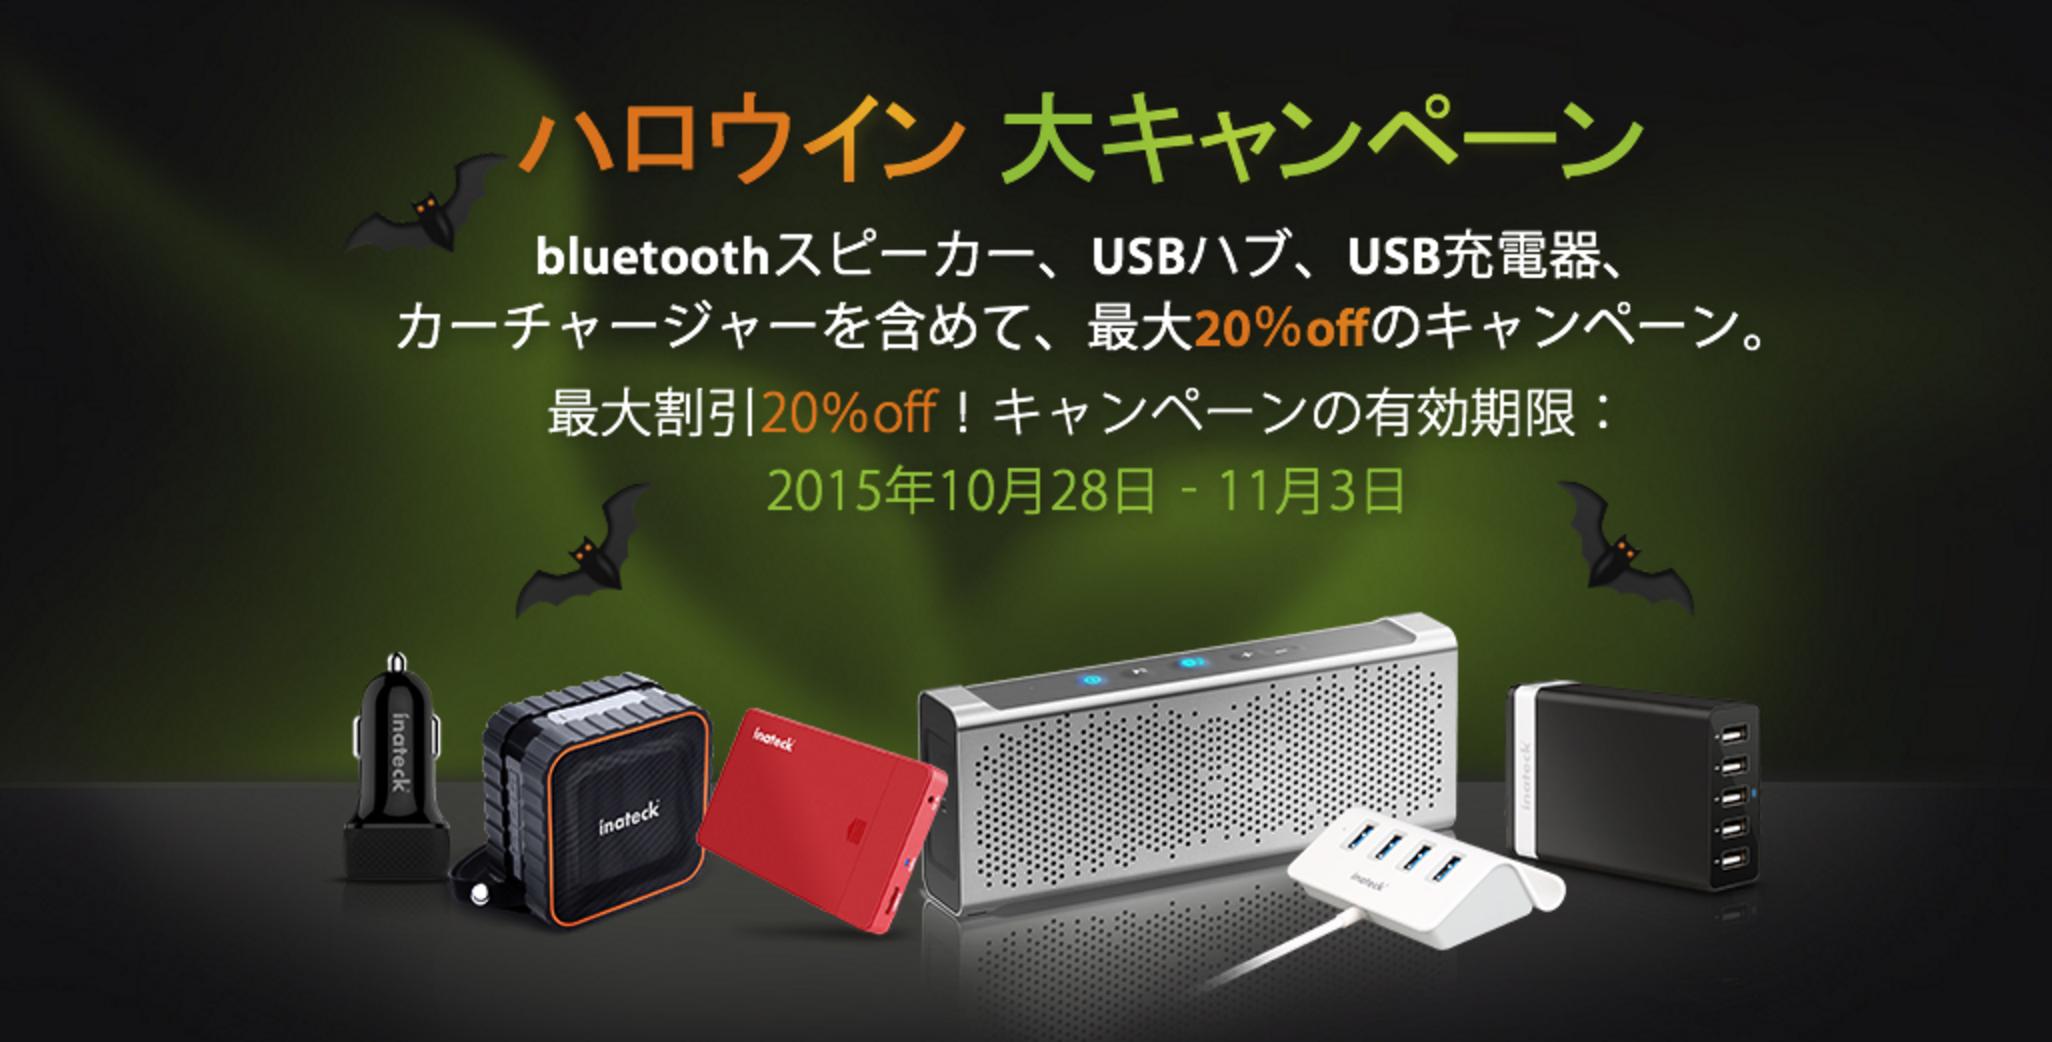 スクリーンショット 2015-10-28 00.22.04